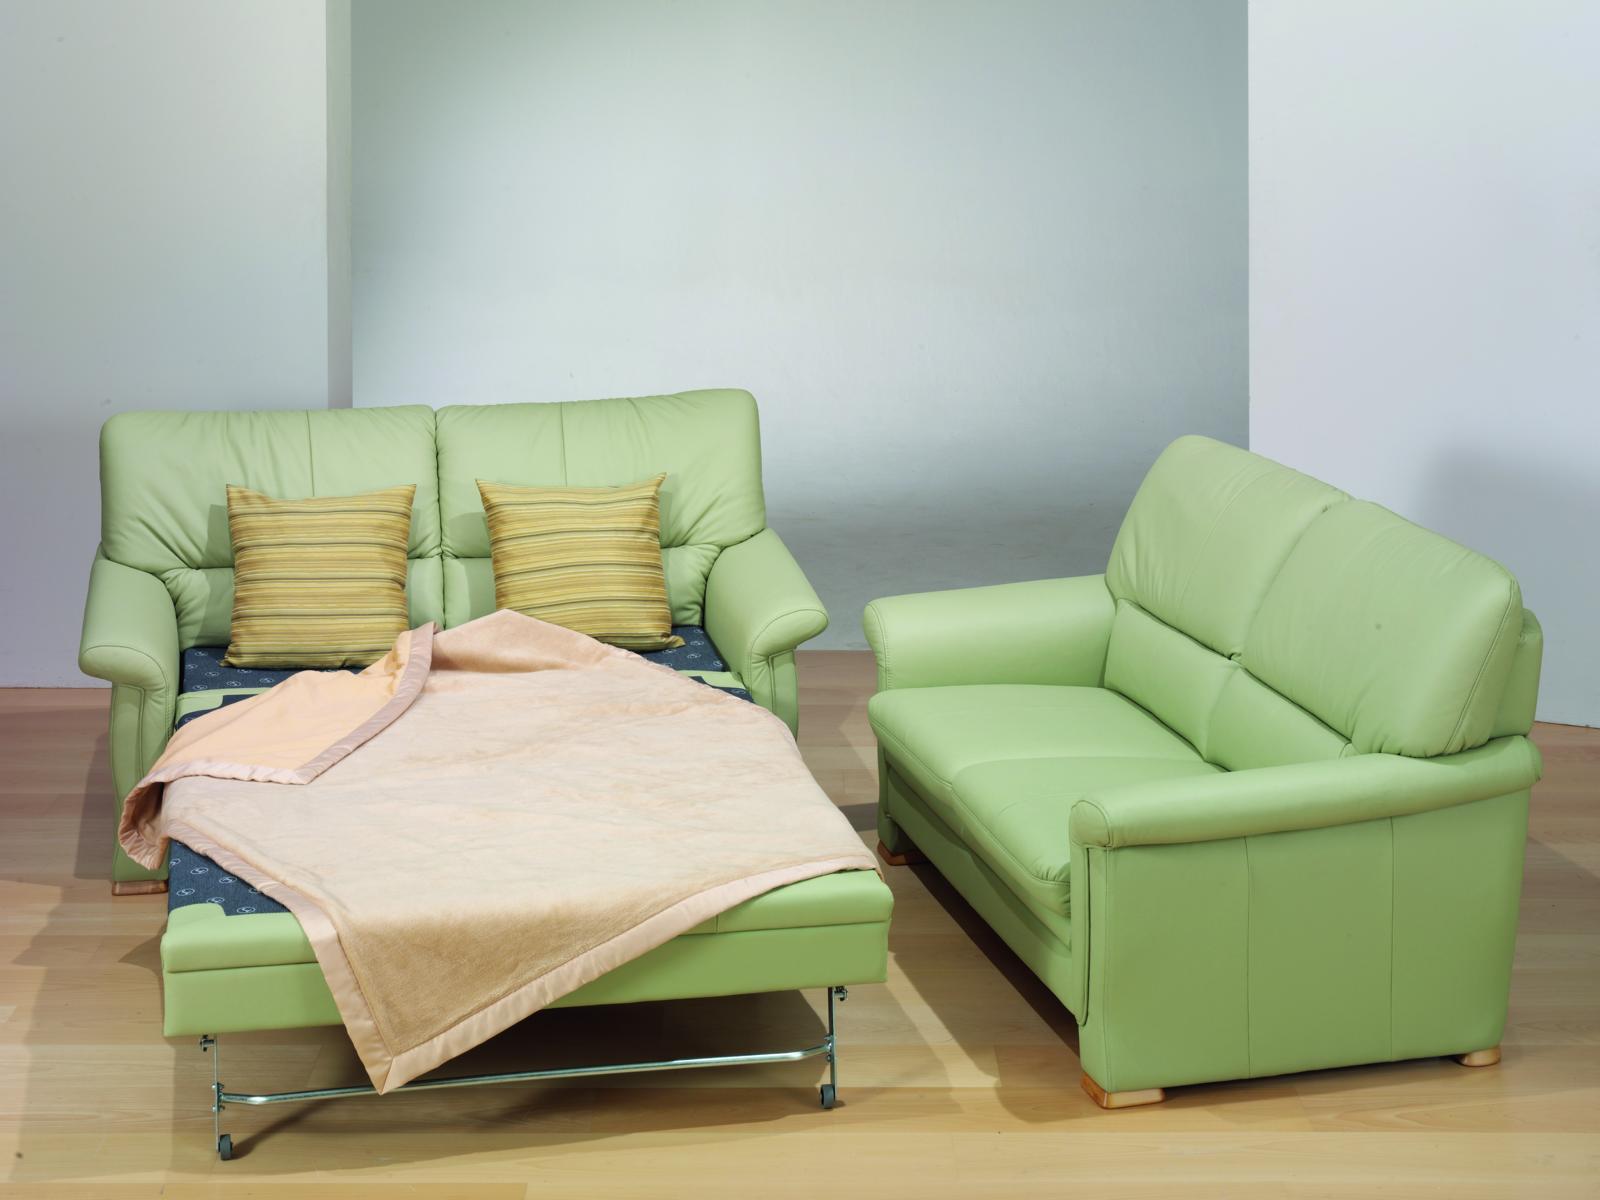 polstergarnitur mit doppelbett funktion von himolla top angebot ebay. Black Bedroom Furniture Sets. Home Design Ideas